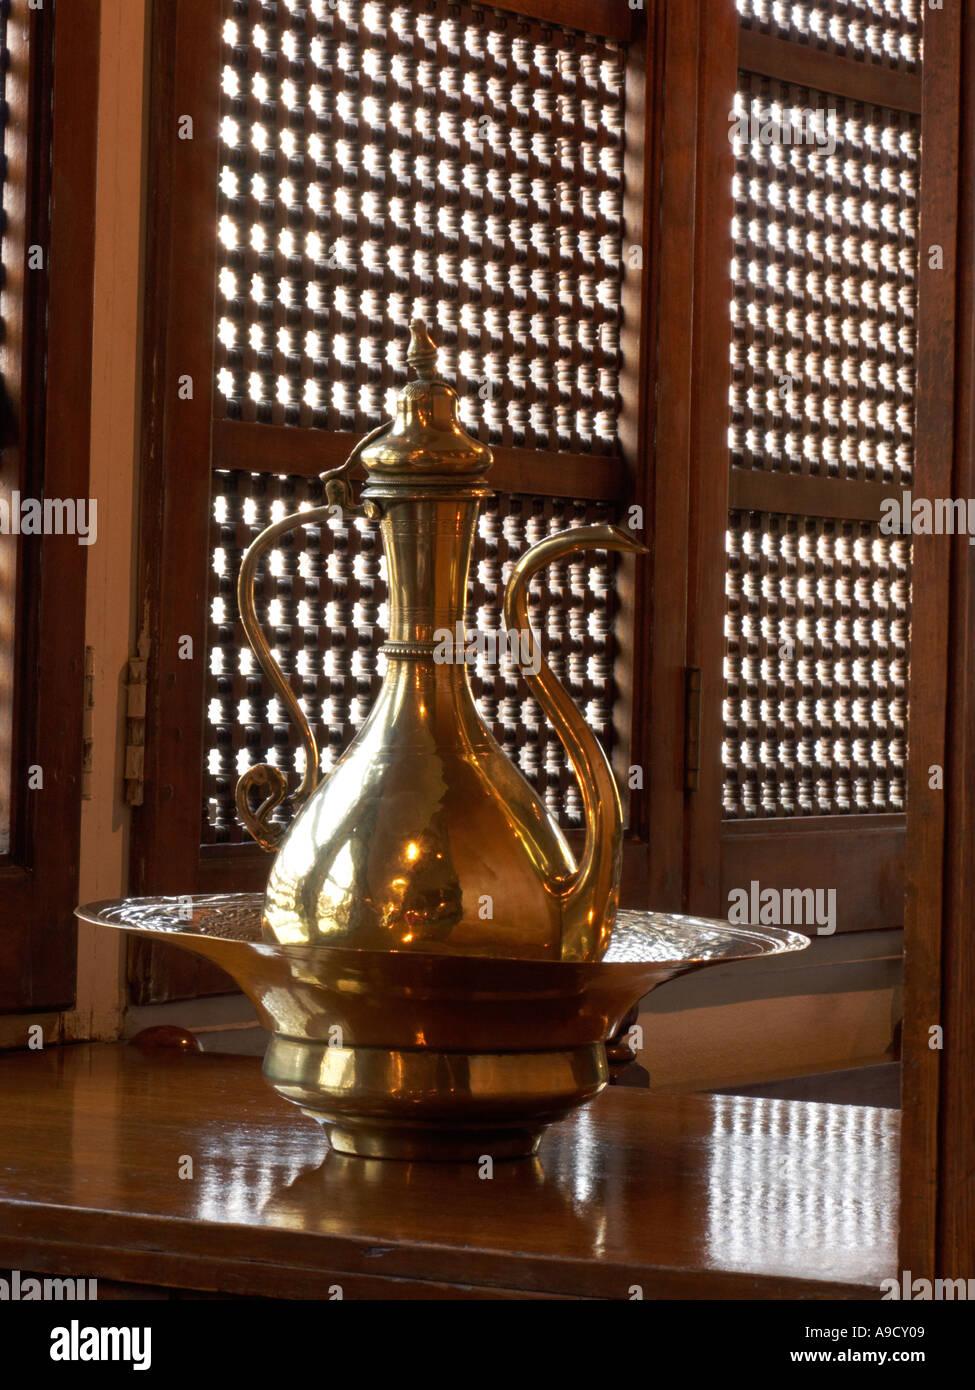 Tall lampada ad olio in hotel bar Cairo Egitto Immagini Stock